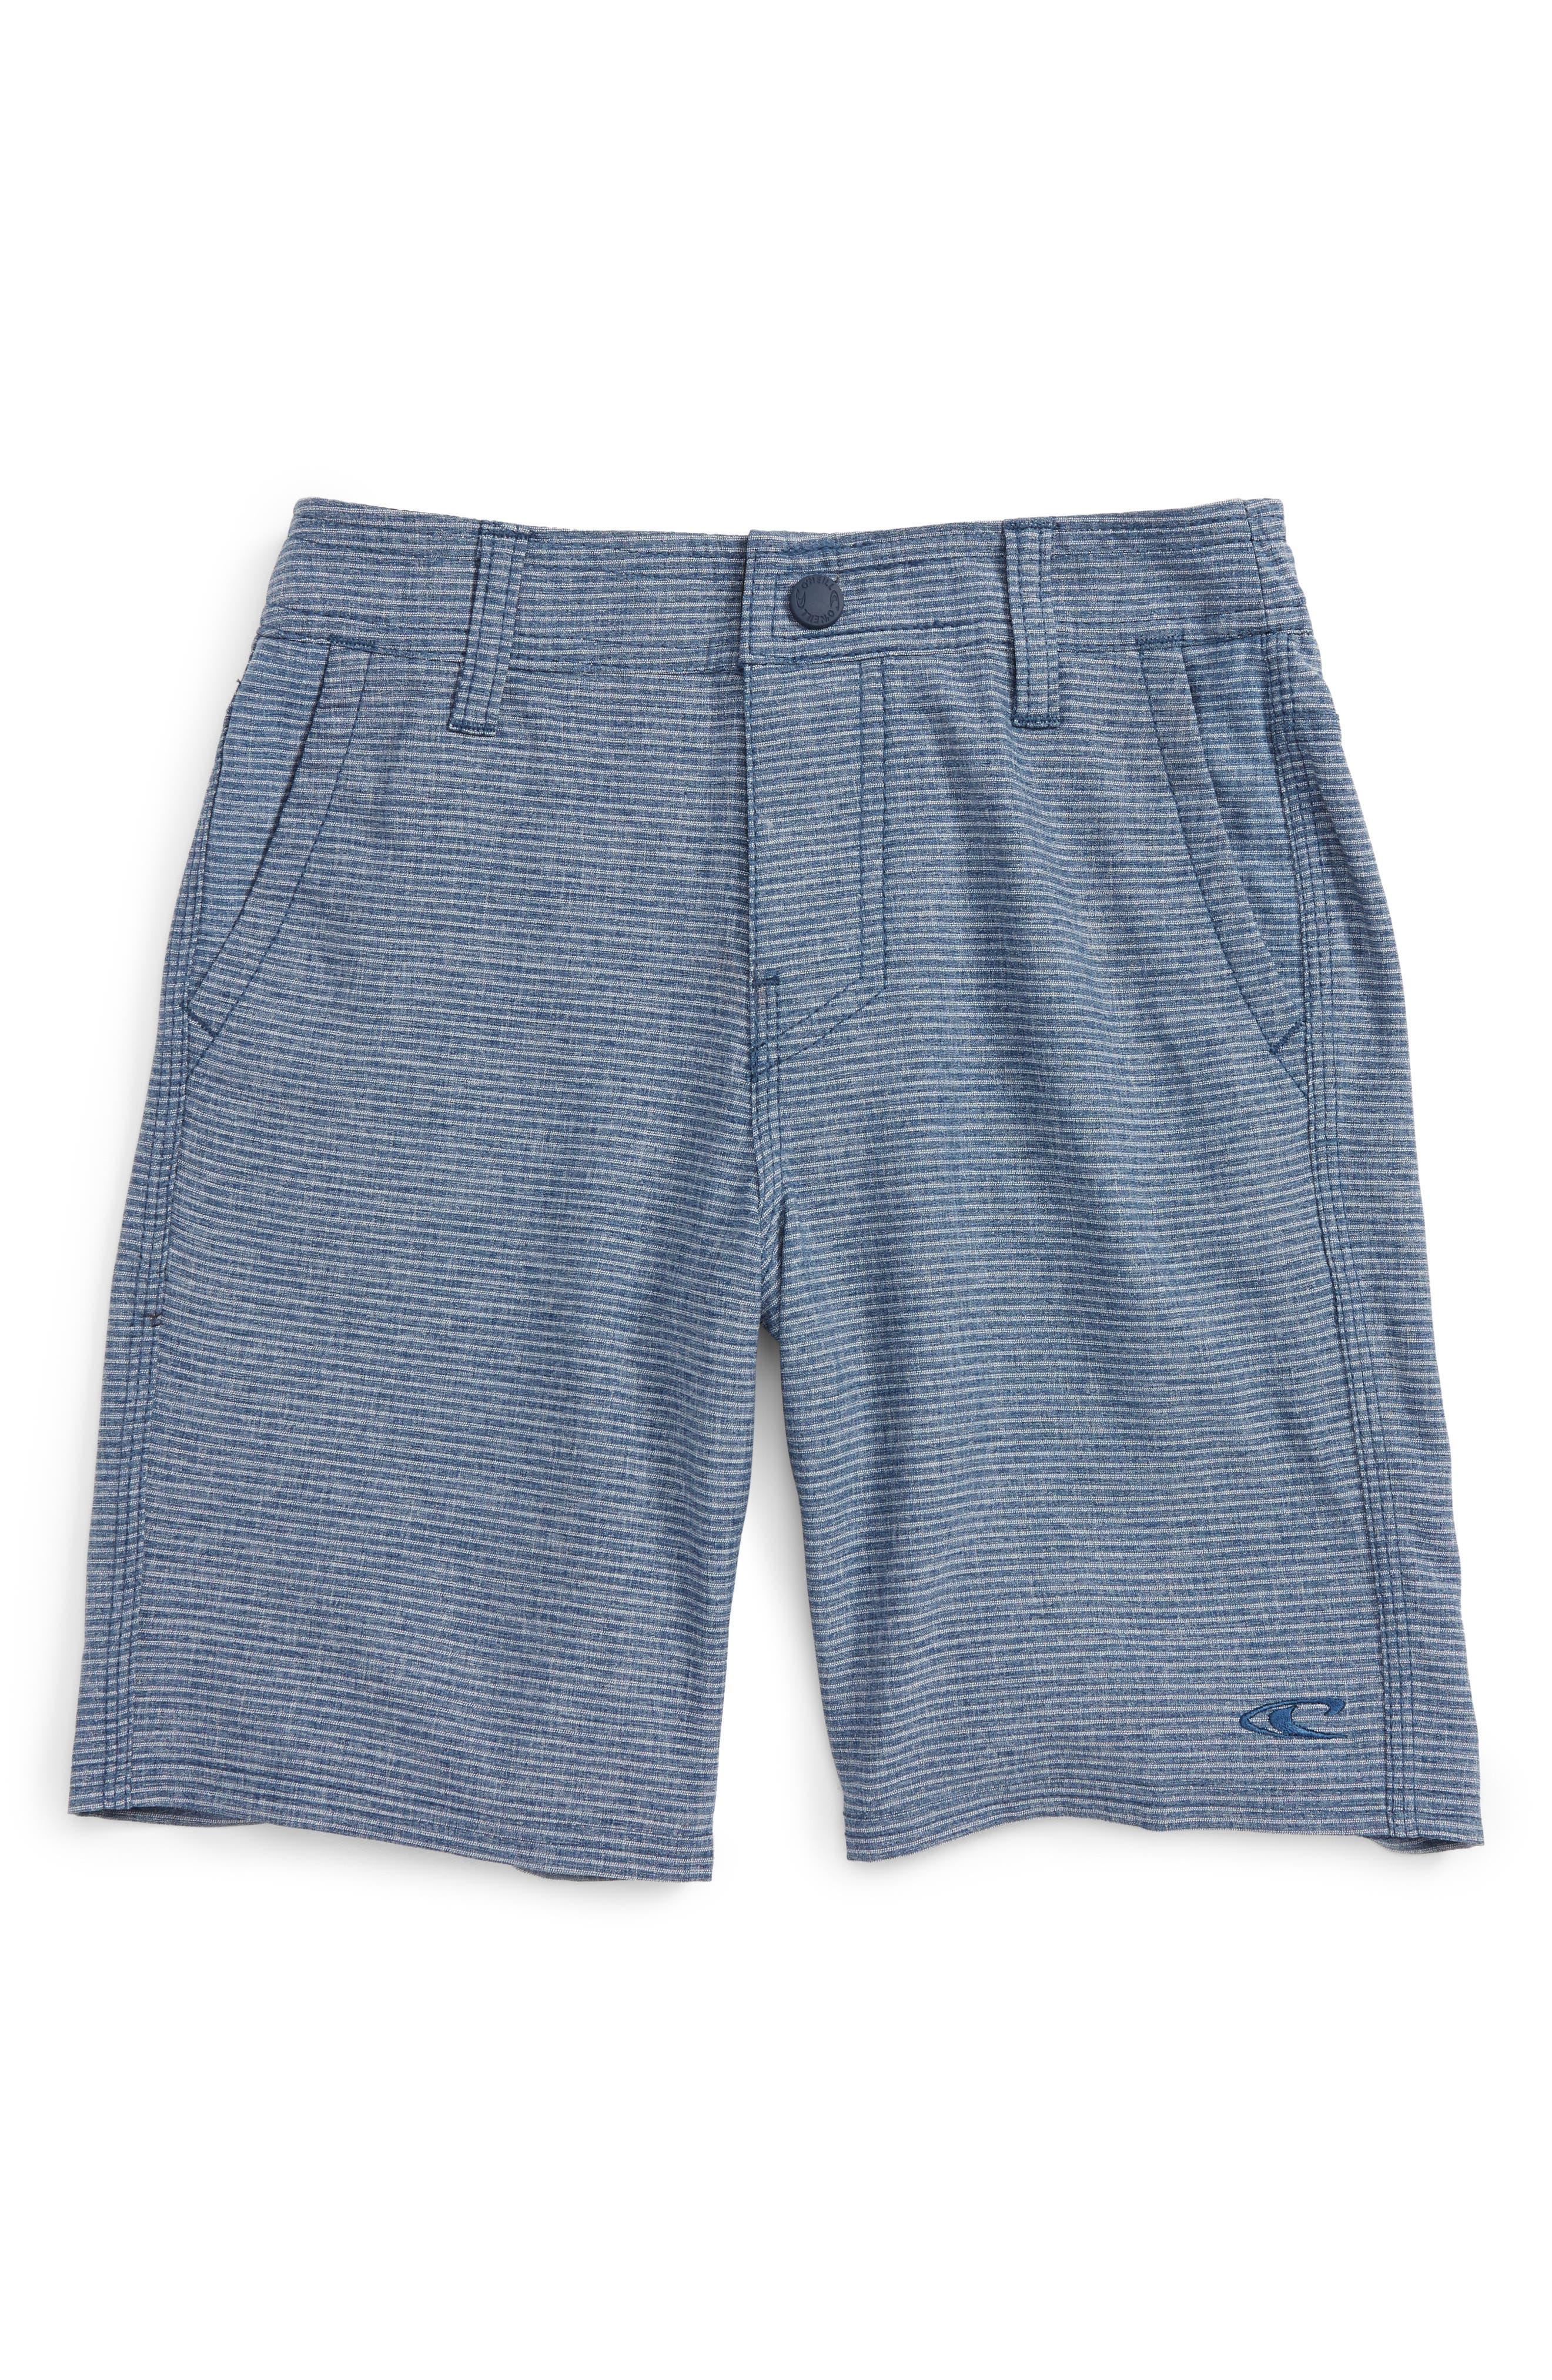 Alternate Image 1 Selected - O'Neill Locked Stripe Hybrid Shorts (Toddler Boys & Little Boys)